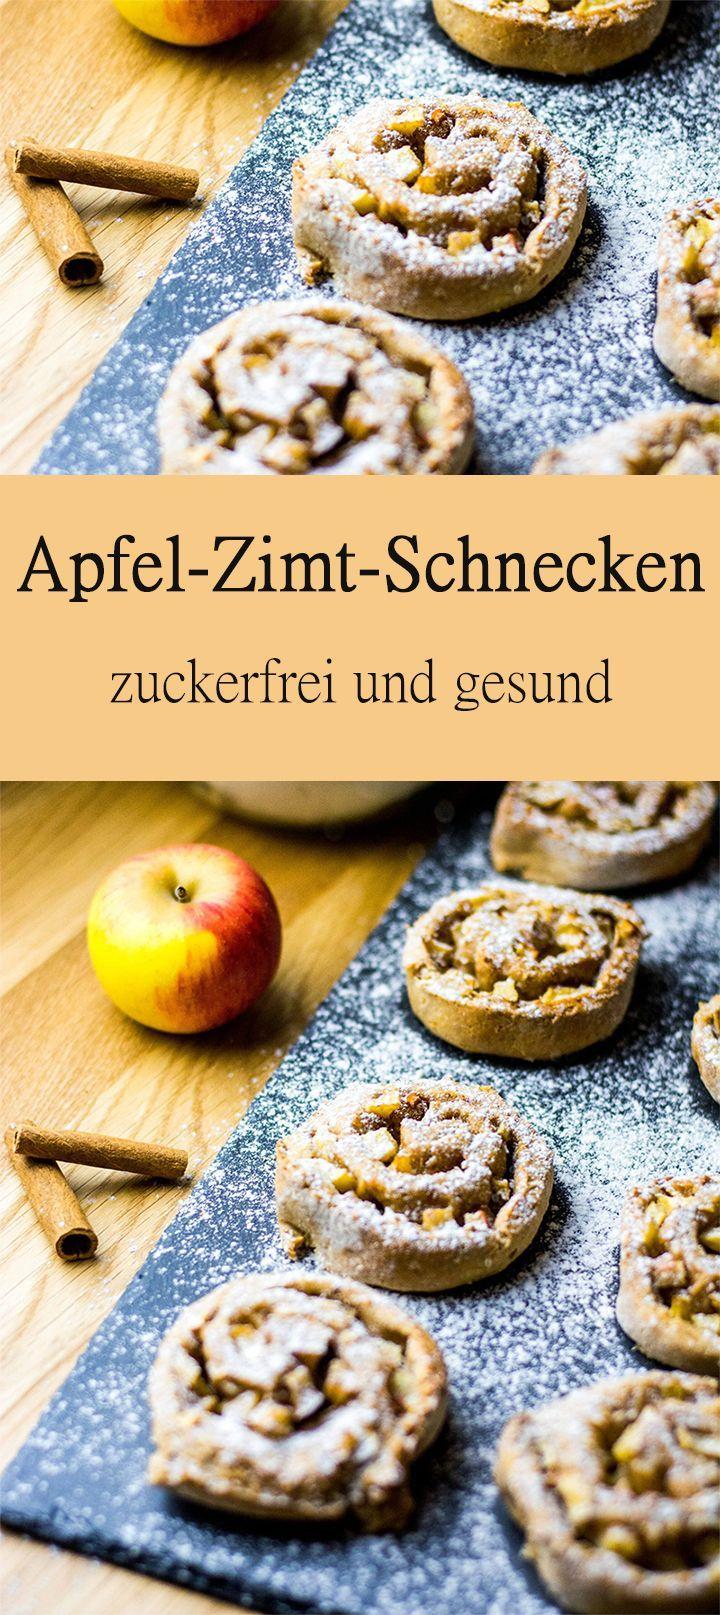 Apple cinnamon snails